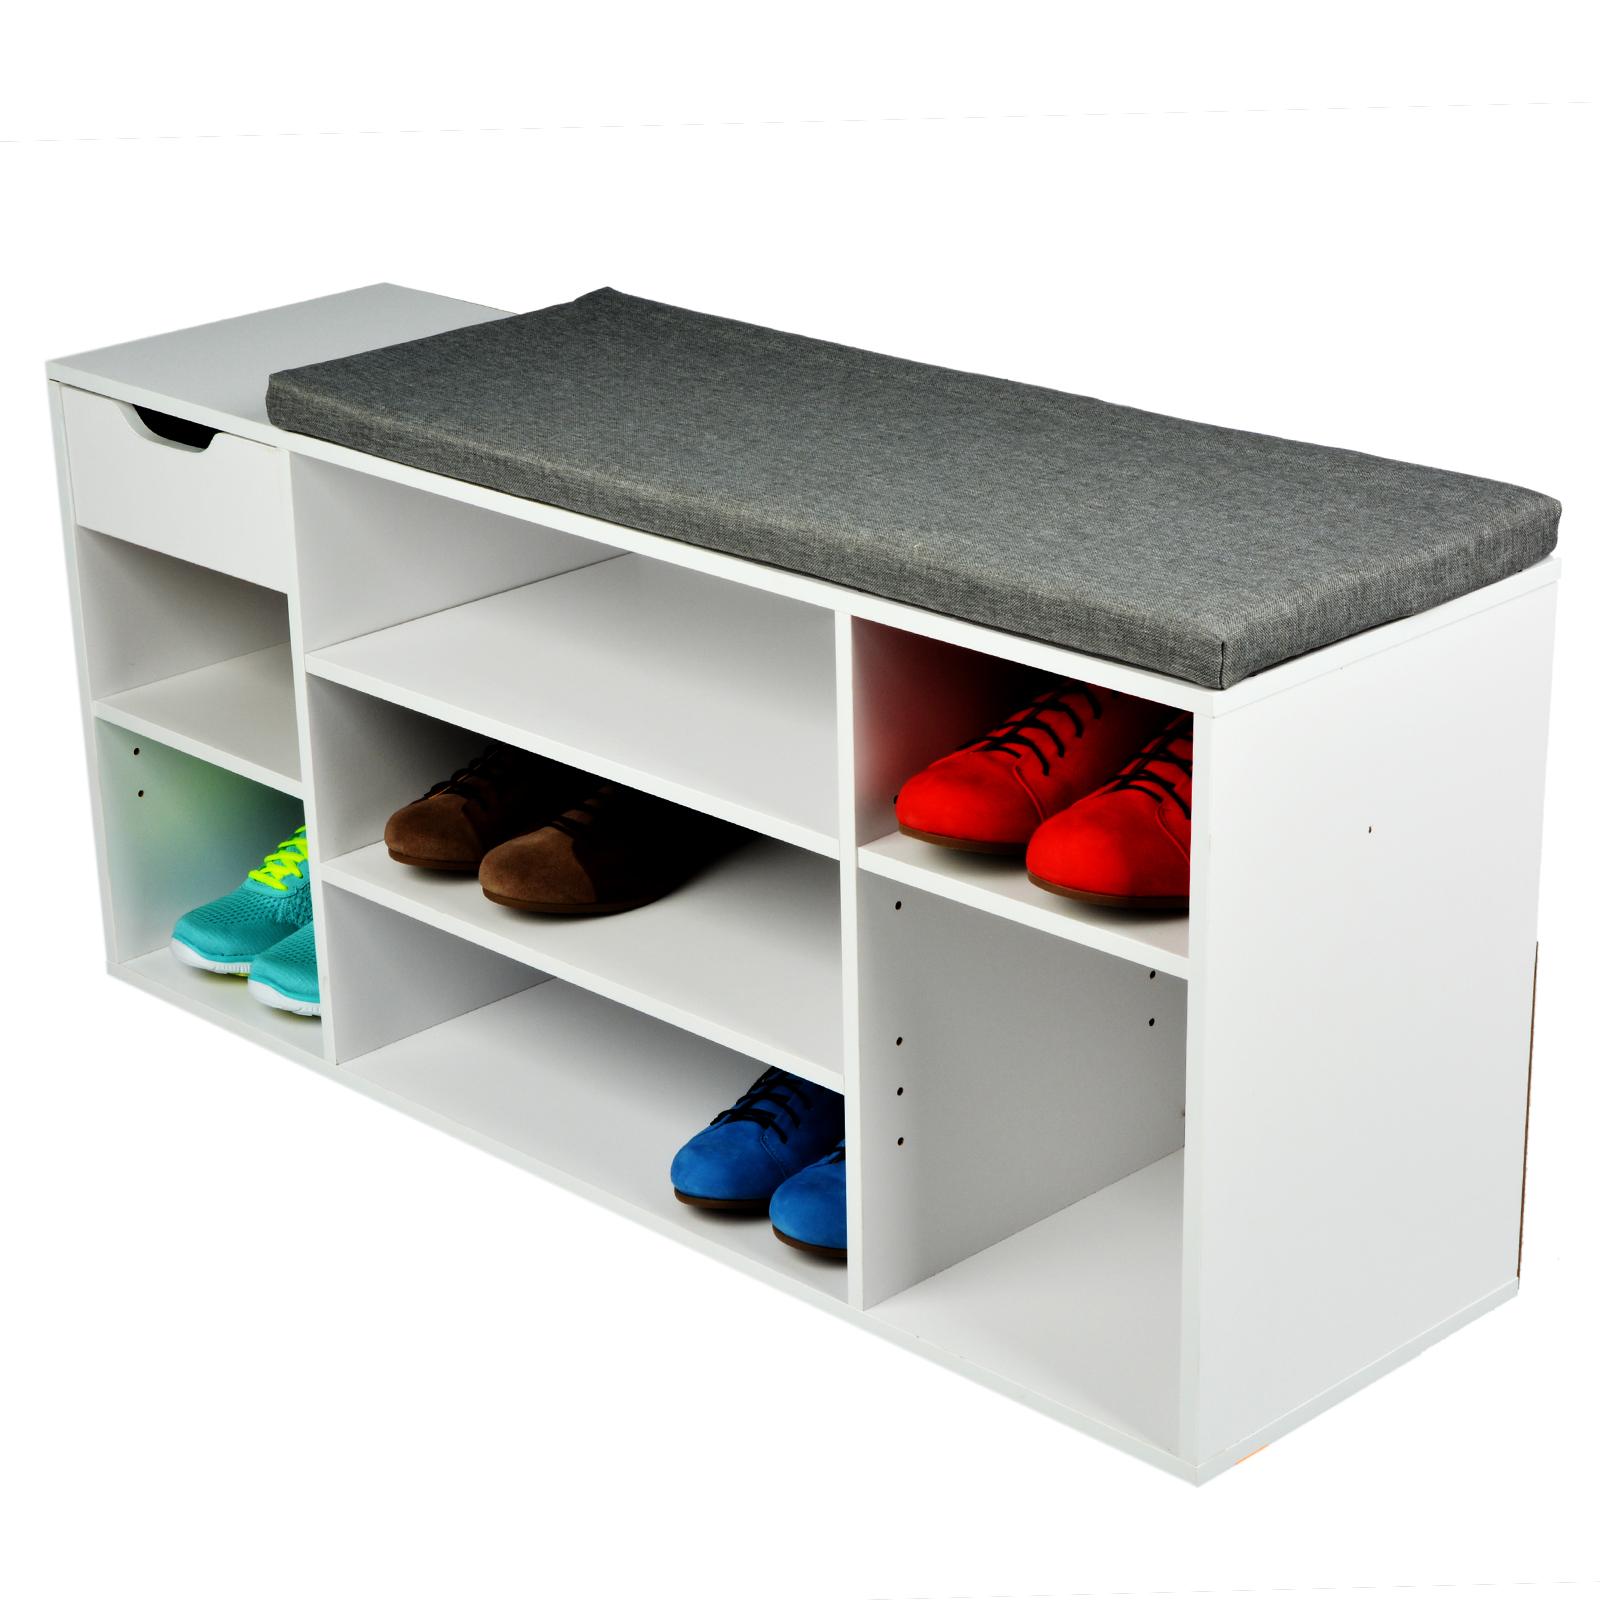 schuhbank mit schublade schuhregal schuhablage sitzbank flur sitzkissen holz ebay. Black Bedroom Furniture Sets. Home Design Ideas